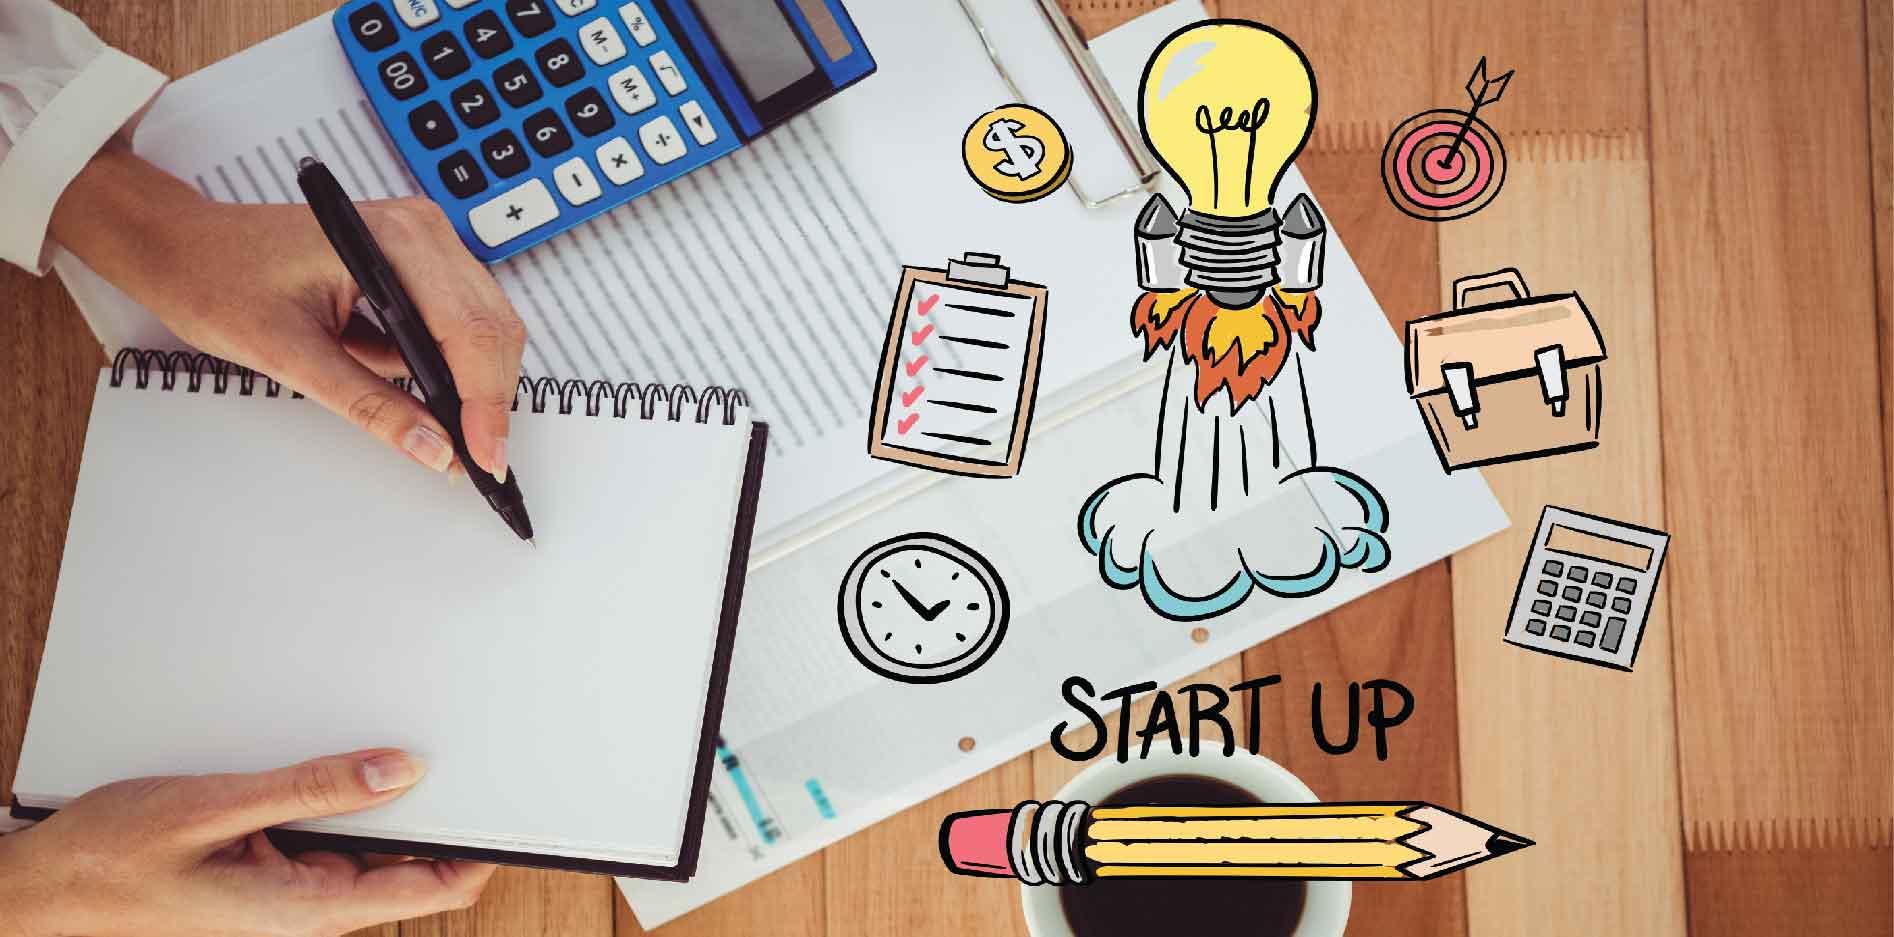 Lý do bạn nên startup? [Phần 1: Startup không hoành tráng như bạn nghĩ!]